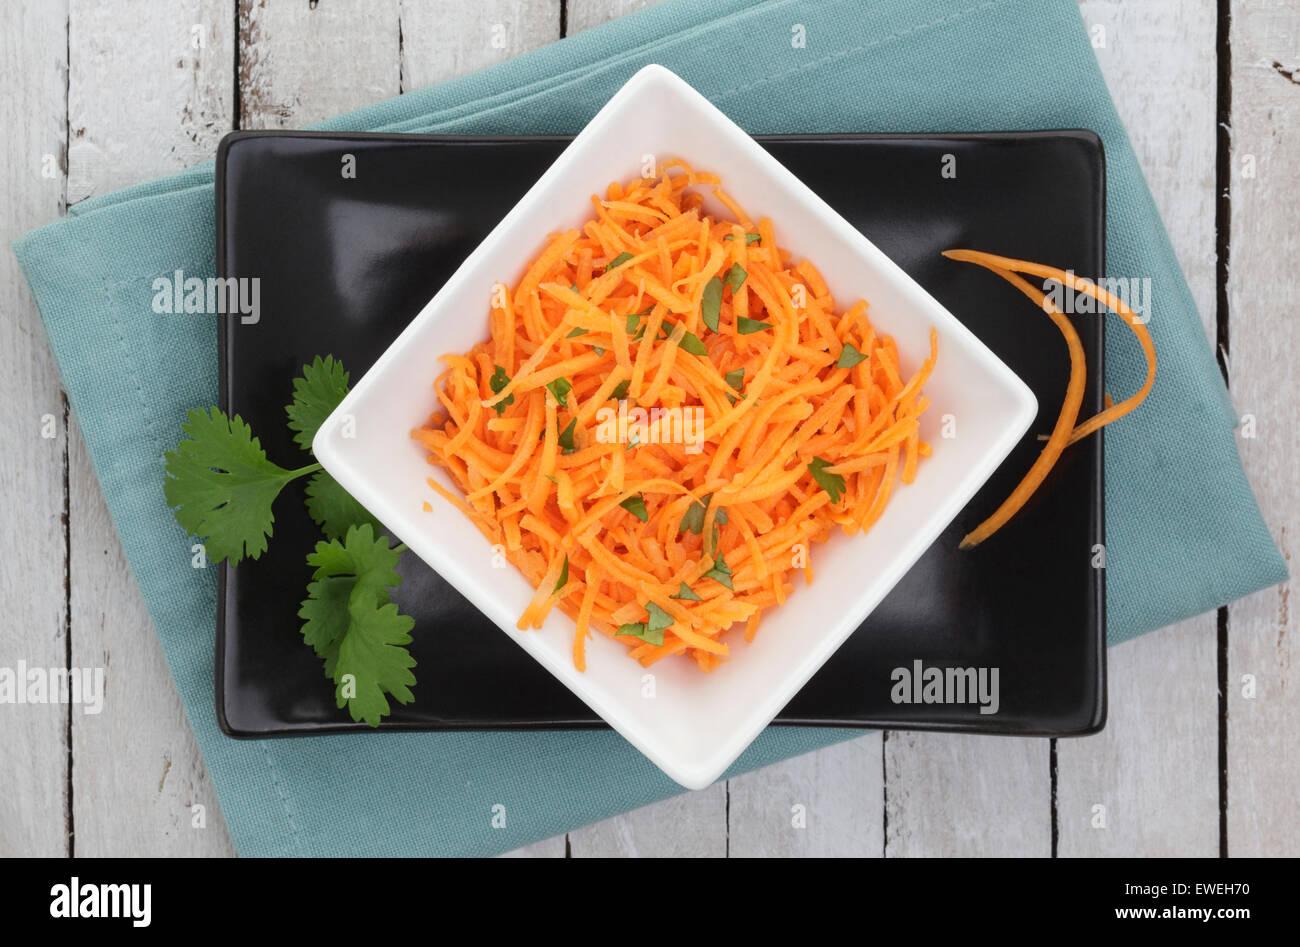 Salade de carottes garni de coriandre Photo Stock